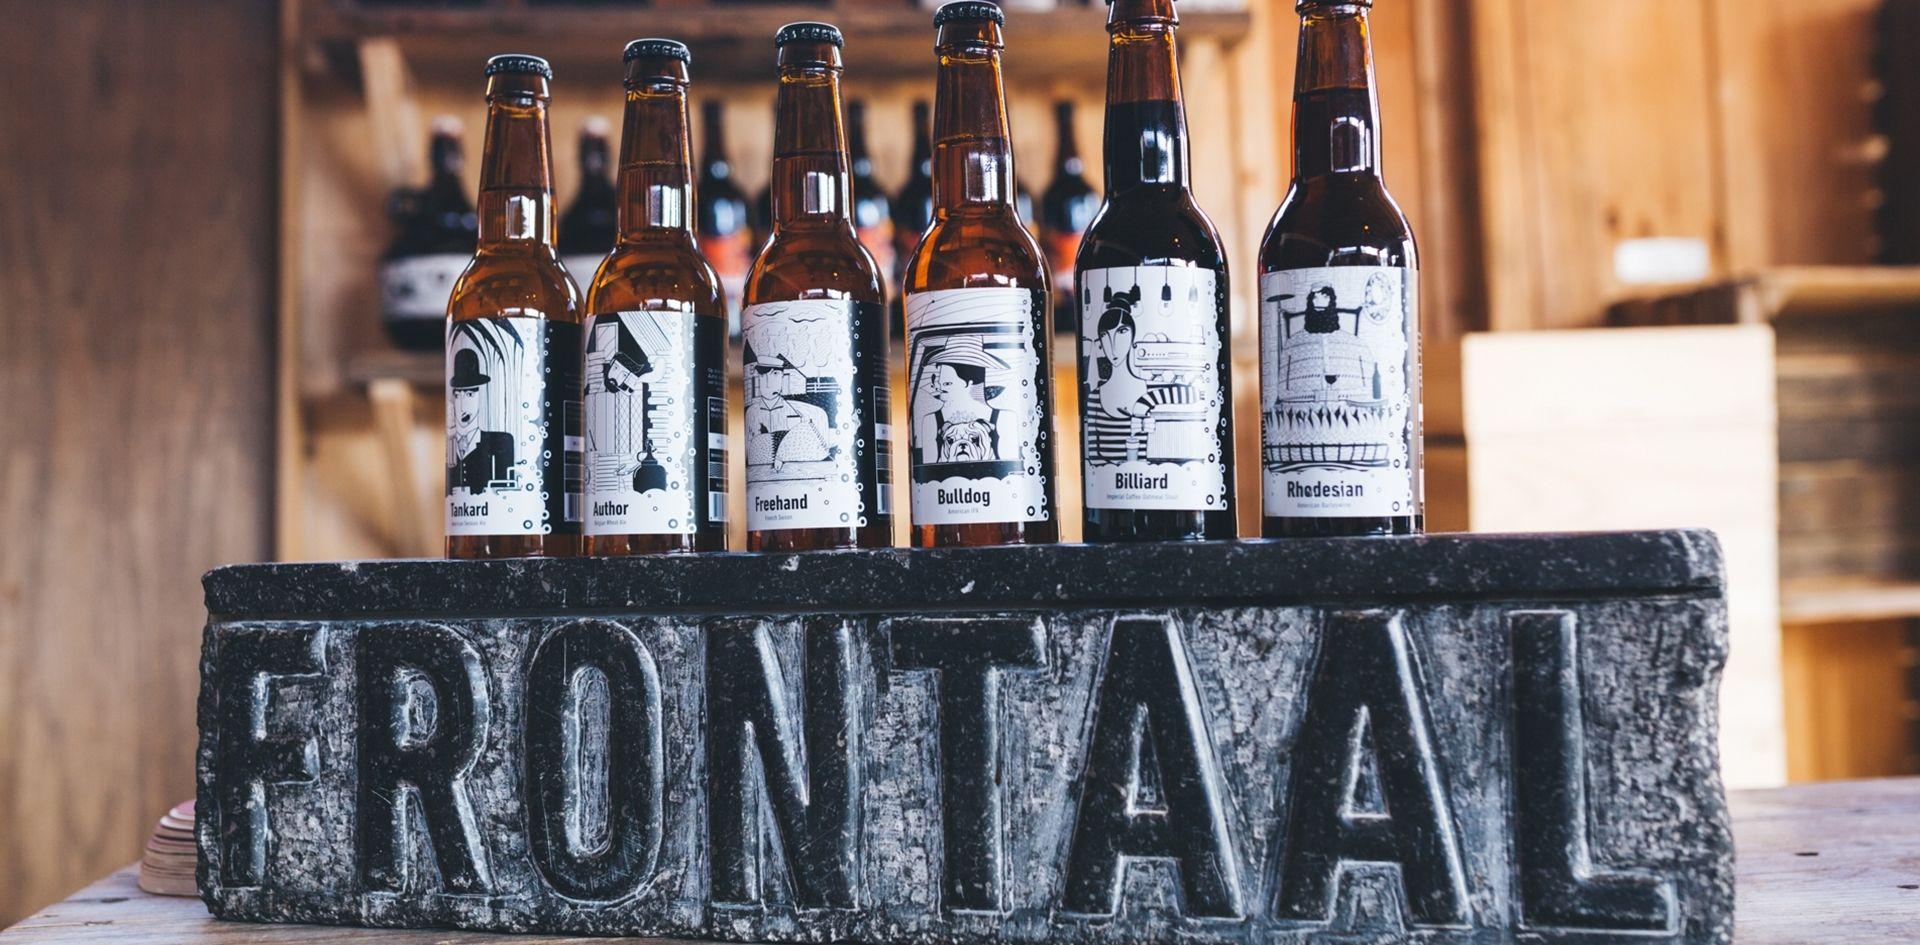 Pils bier brouwerij nederland streekbier breda frontaal assortiment